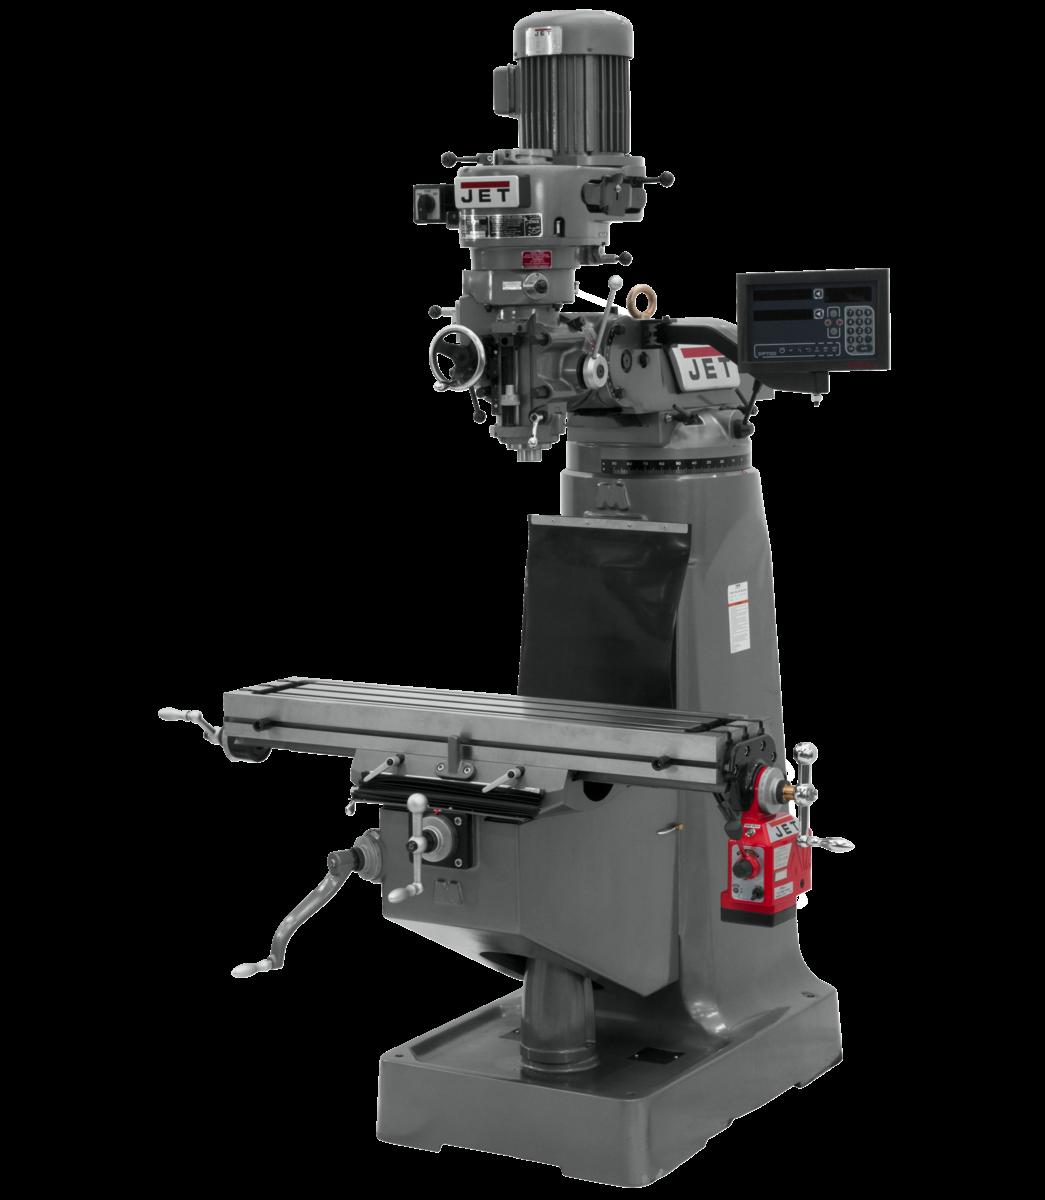 Fresadora JTM-1 con visualizador de posición digital NEWALL DP700M de 2 ejes y con alimentación automática eje X instalada